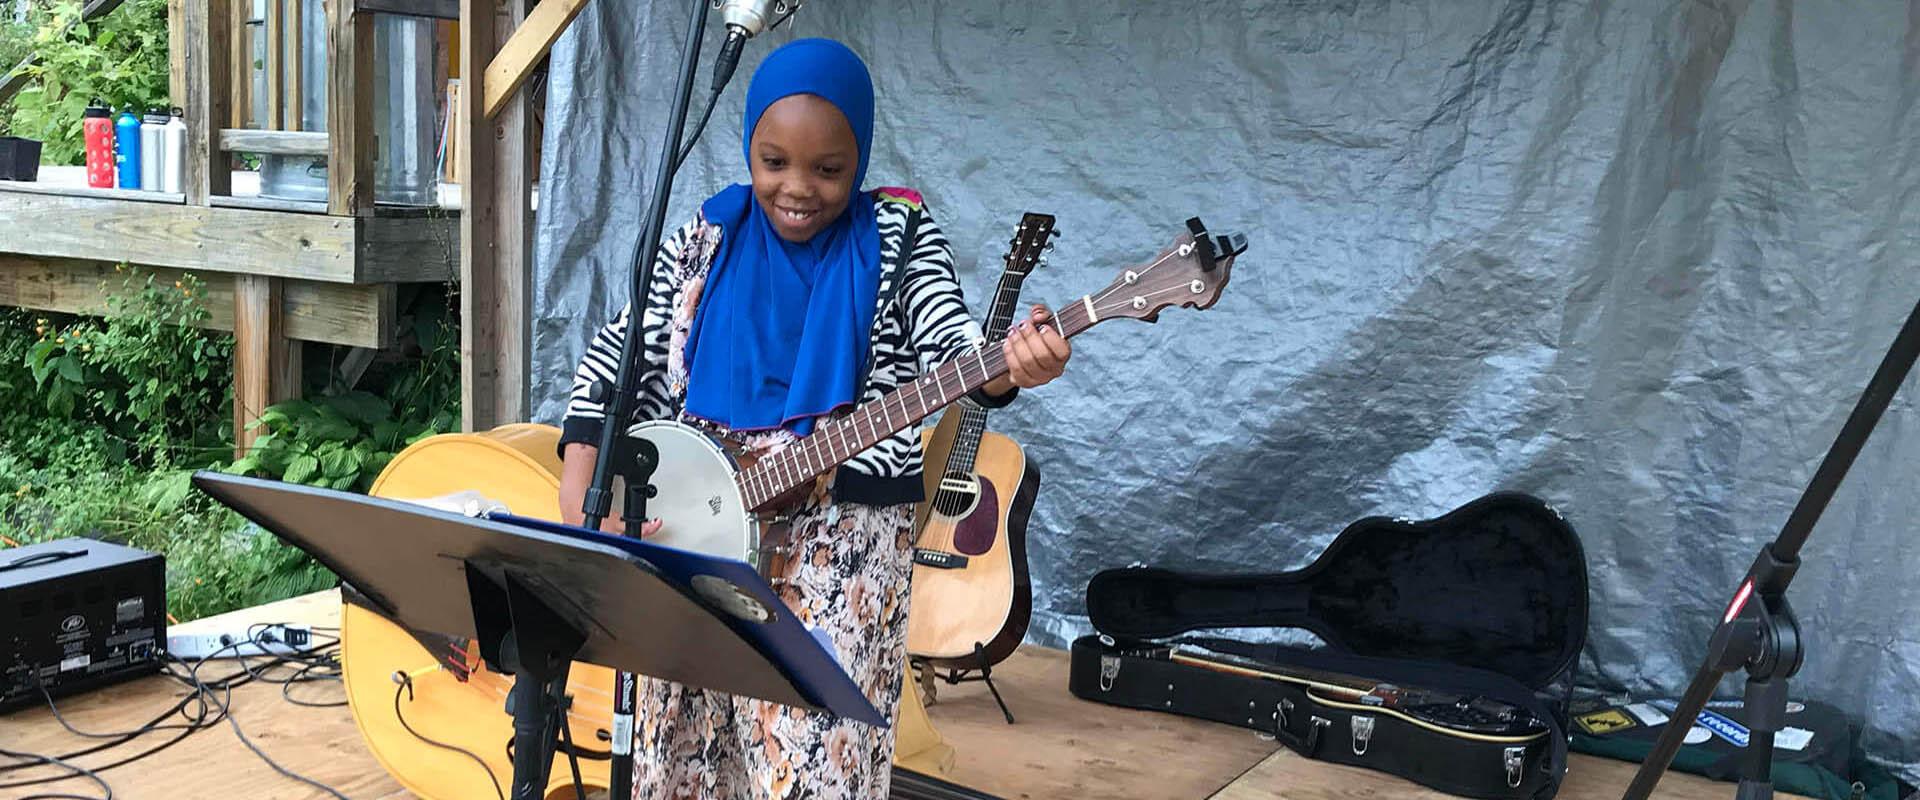 A Somali Bantu girl playing banjo on stage